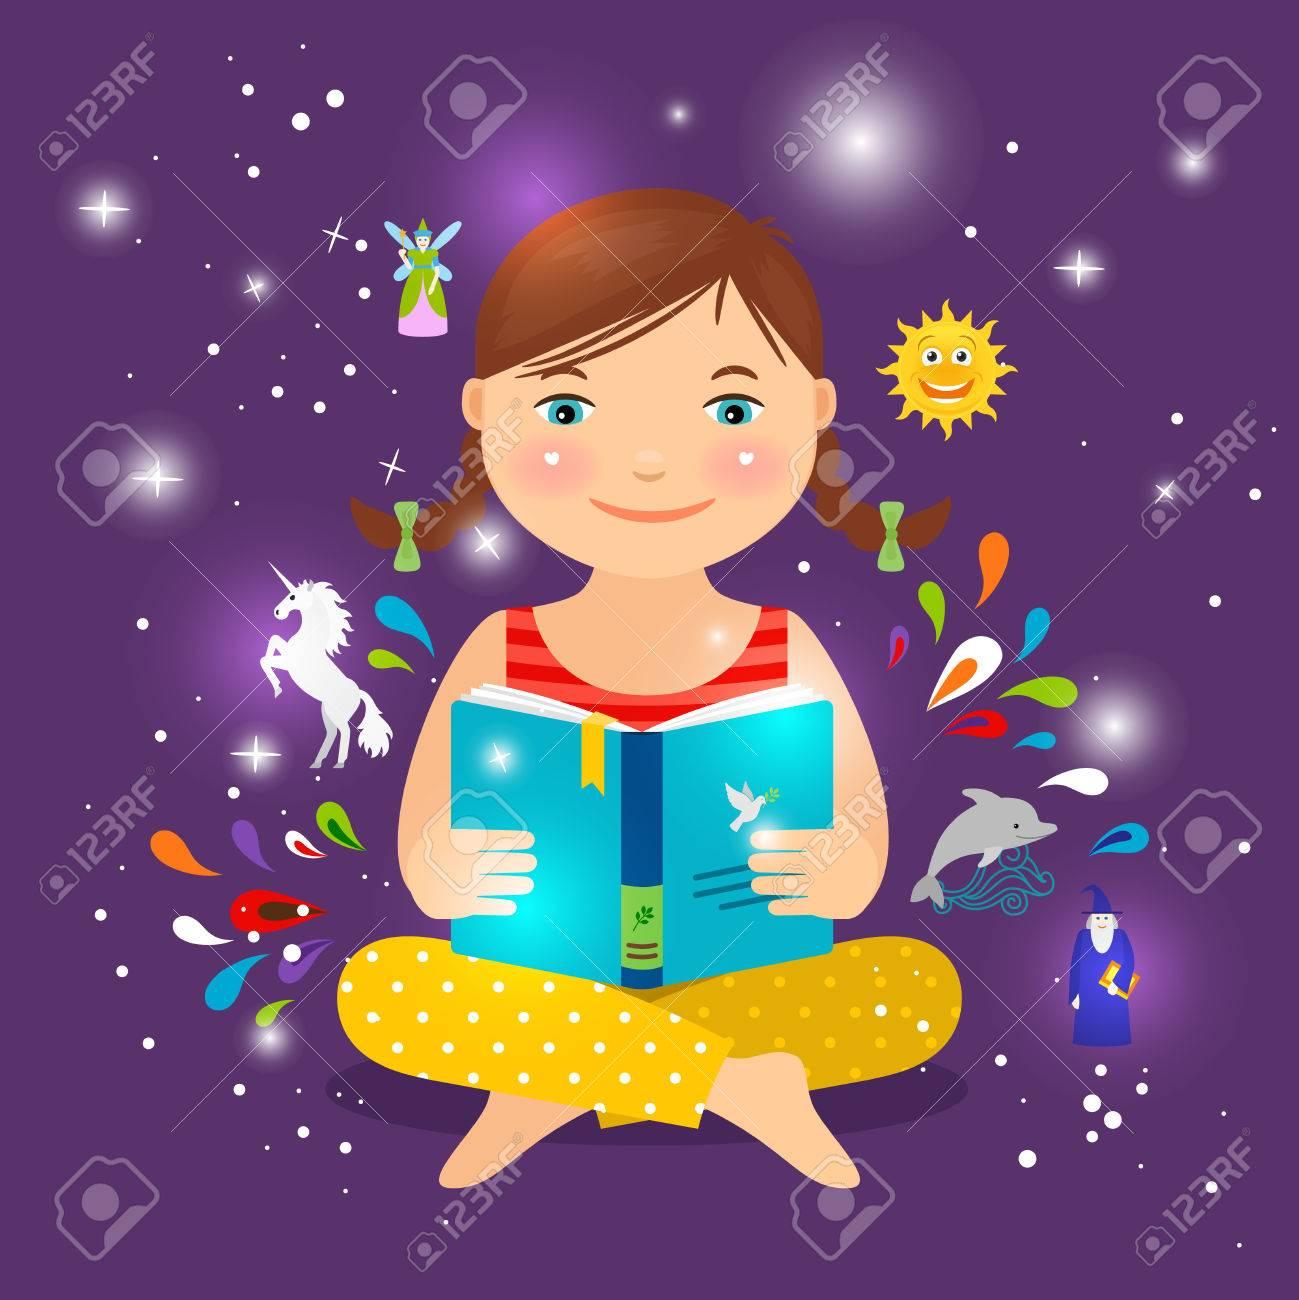 Mignonne Petite Fille Lisant Livre Sur La Magie La Licorne Et La Fee Vector Illustration